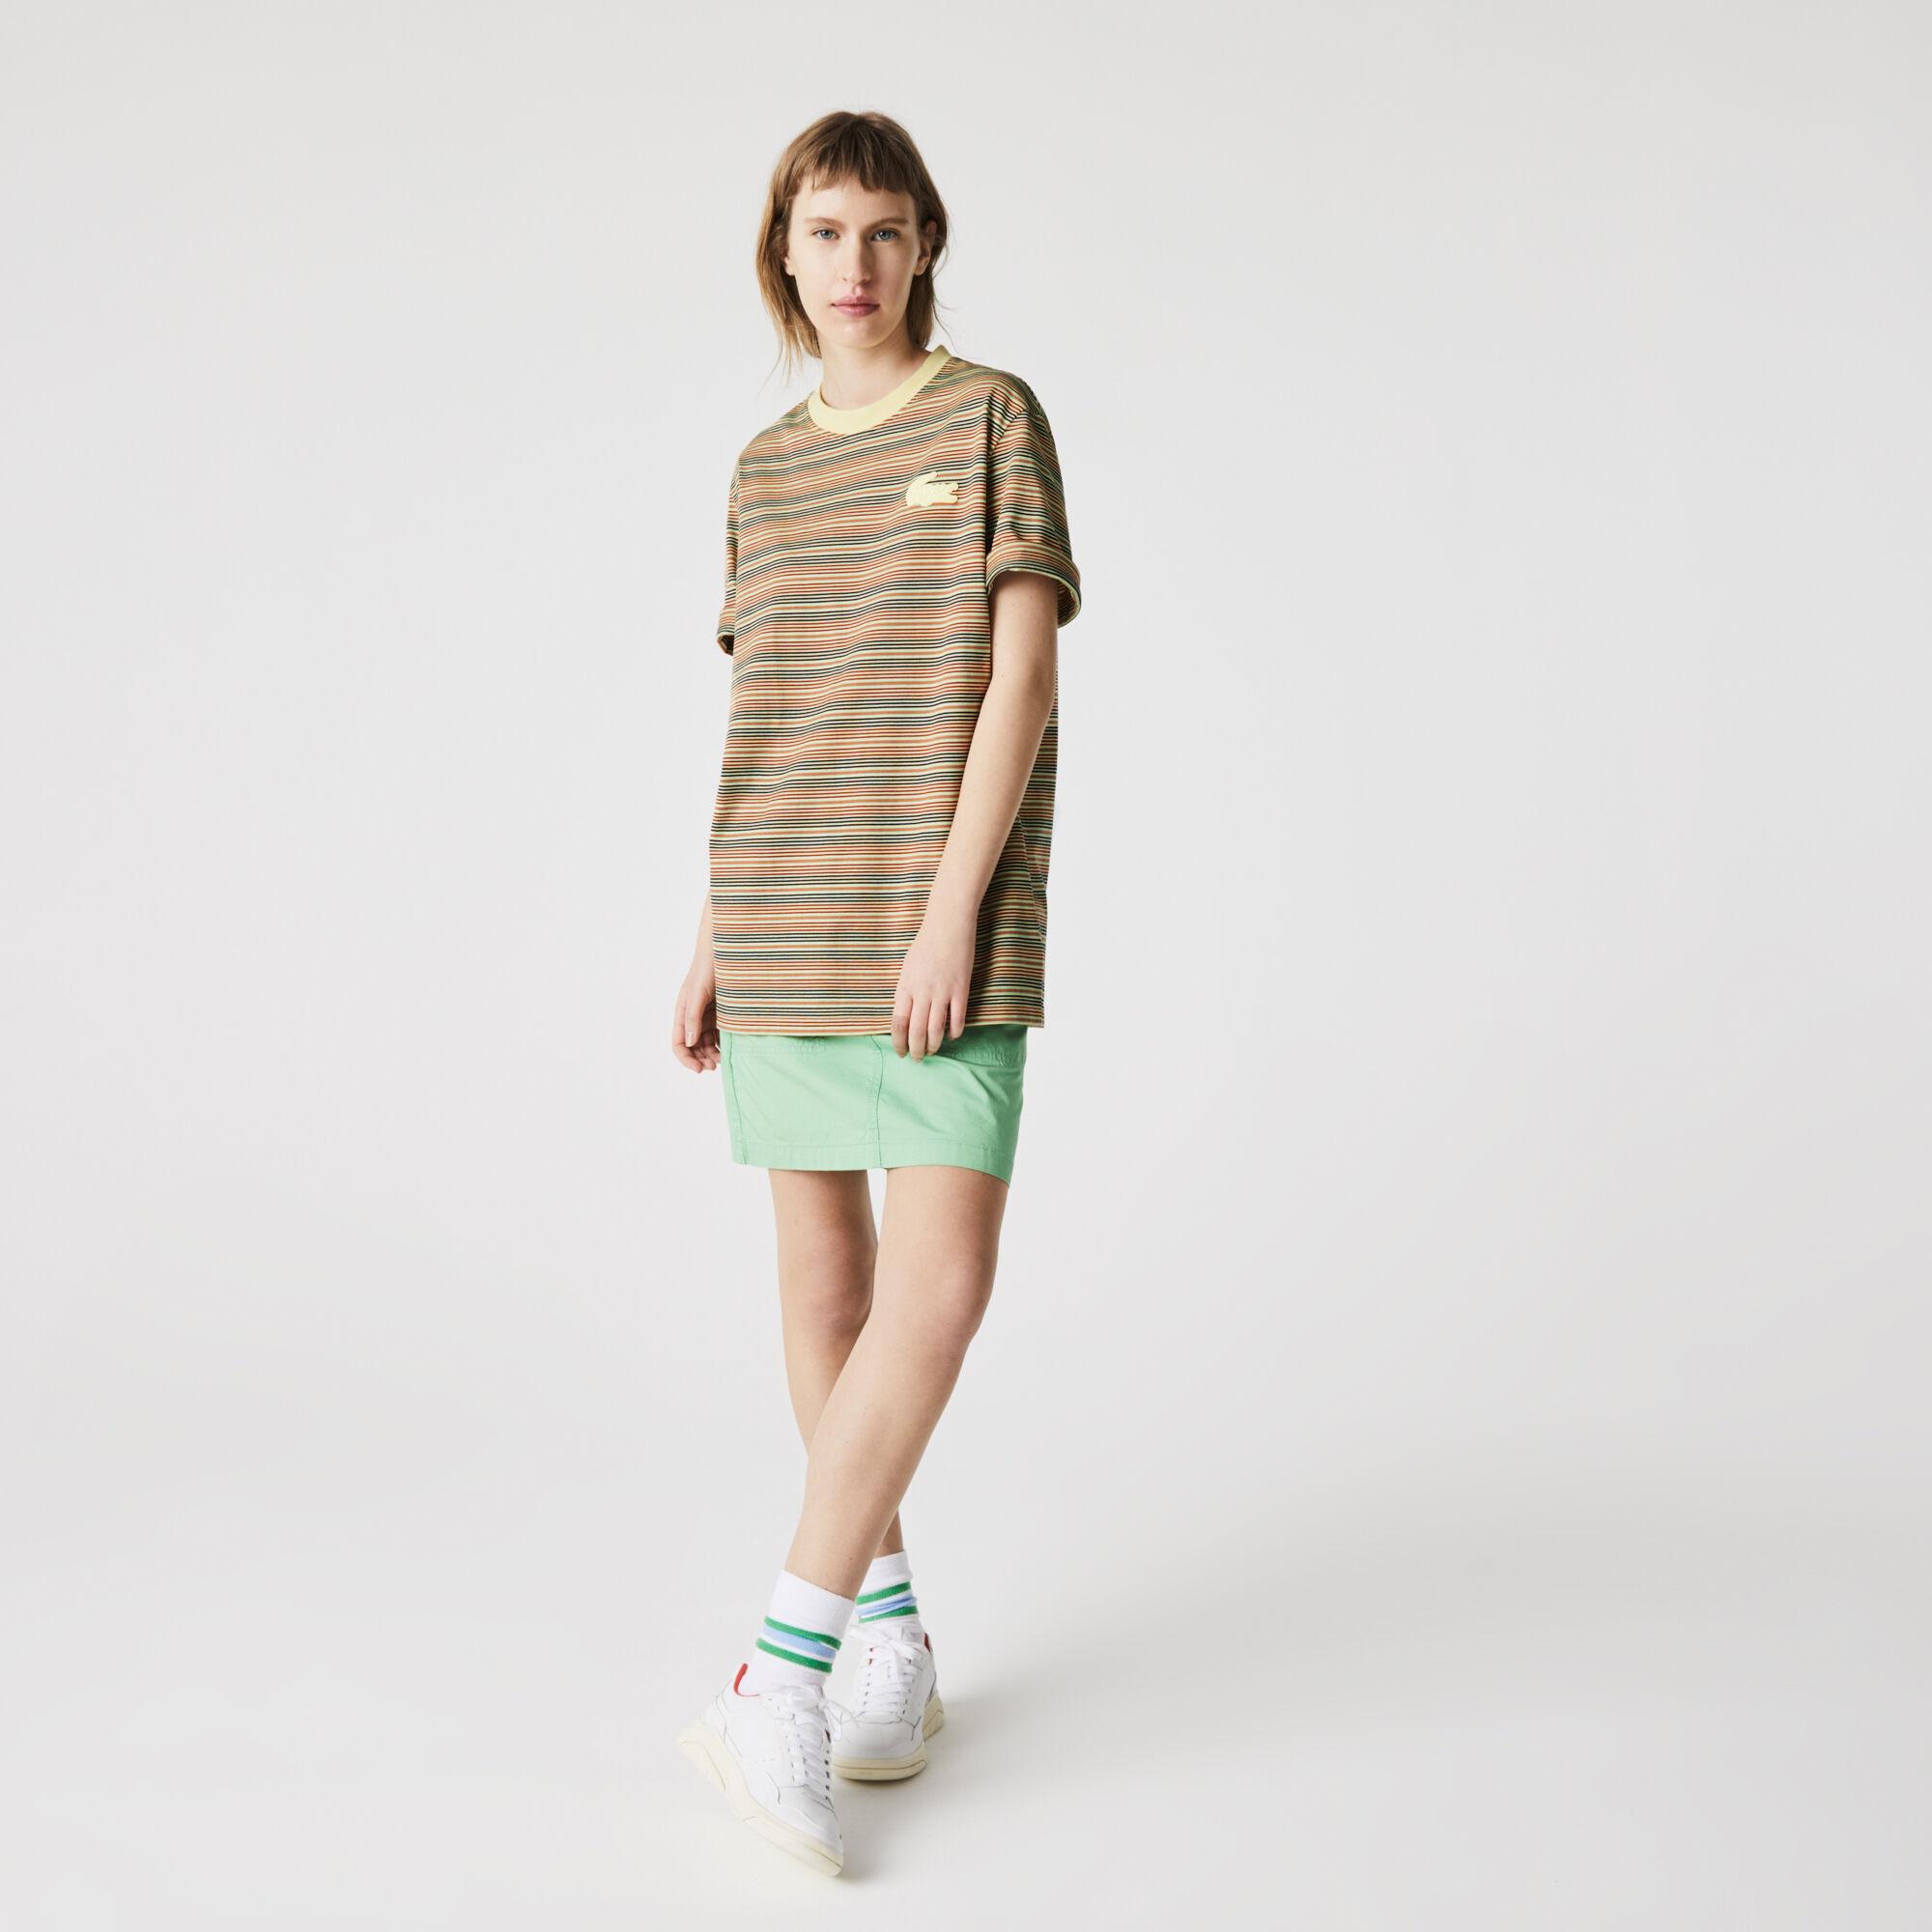 Unisex Lacoste LIVE Loose Fit Crew Neck Striped Cotton T-shirt